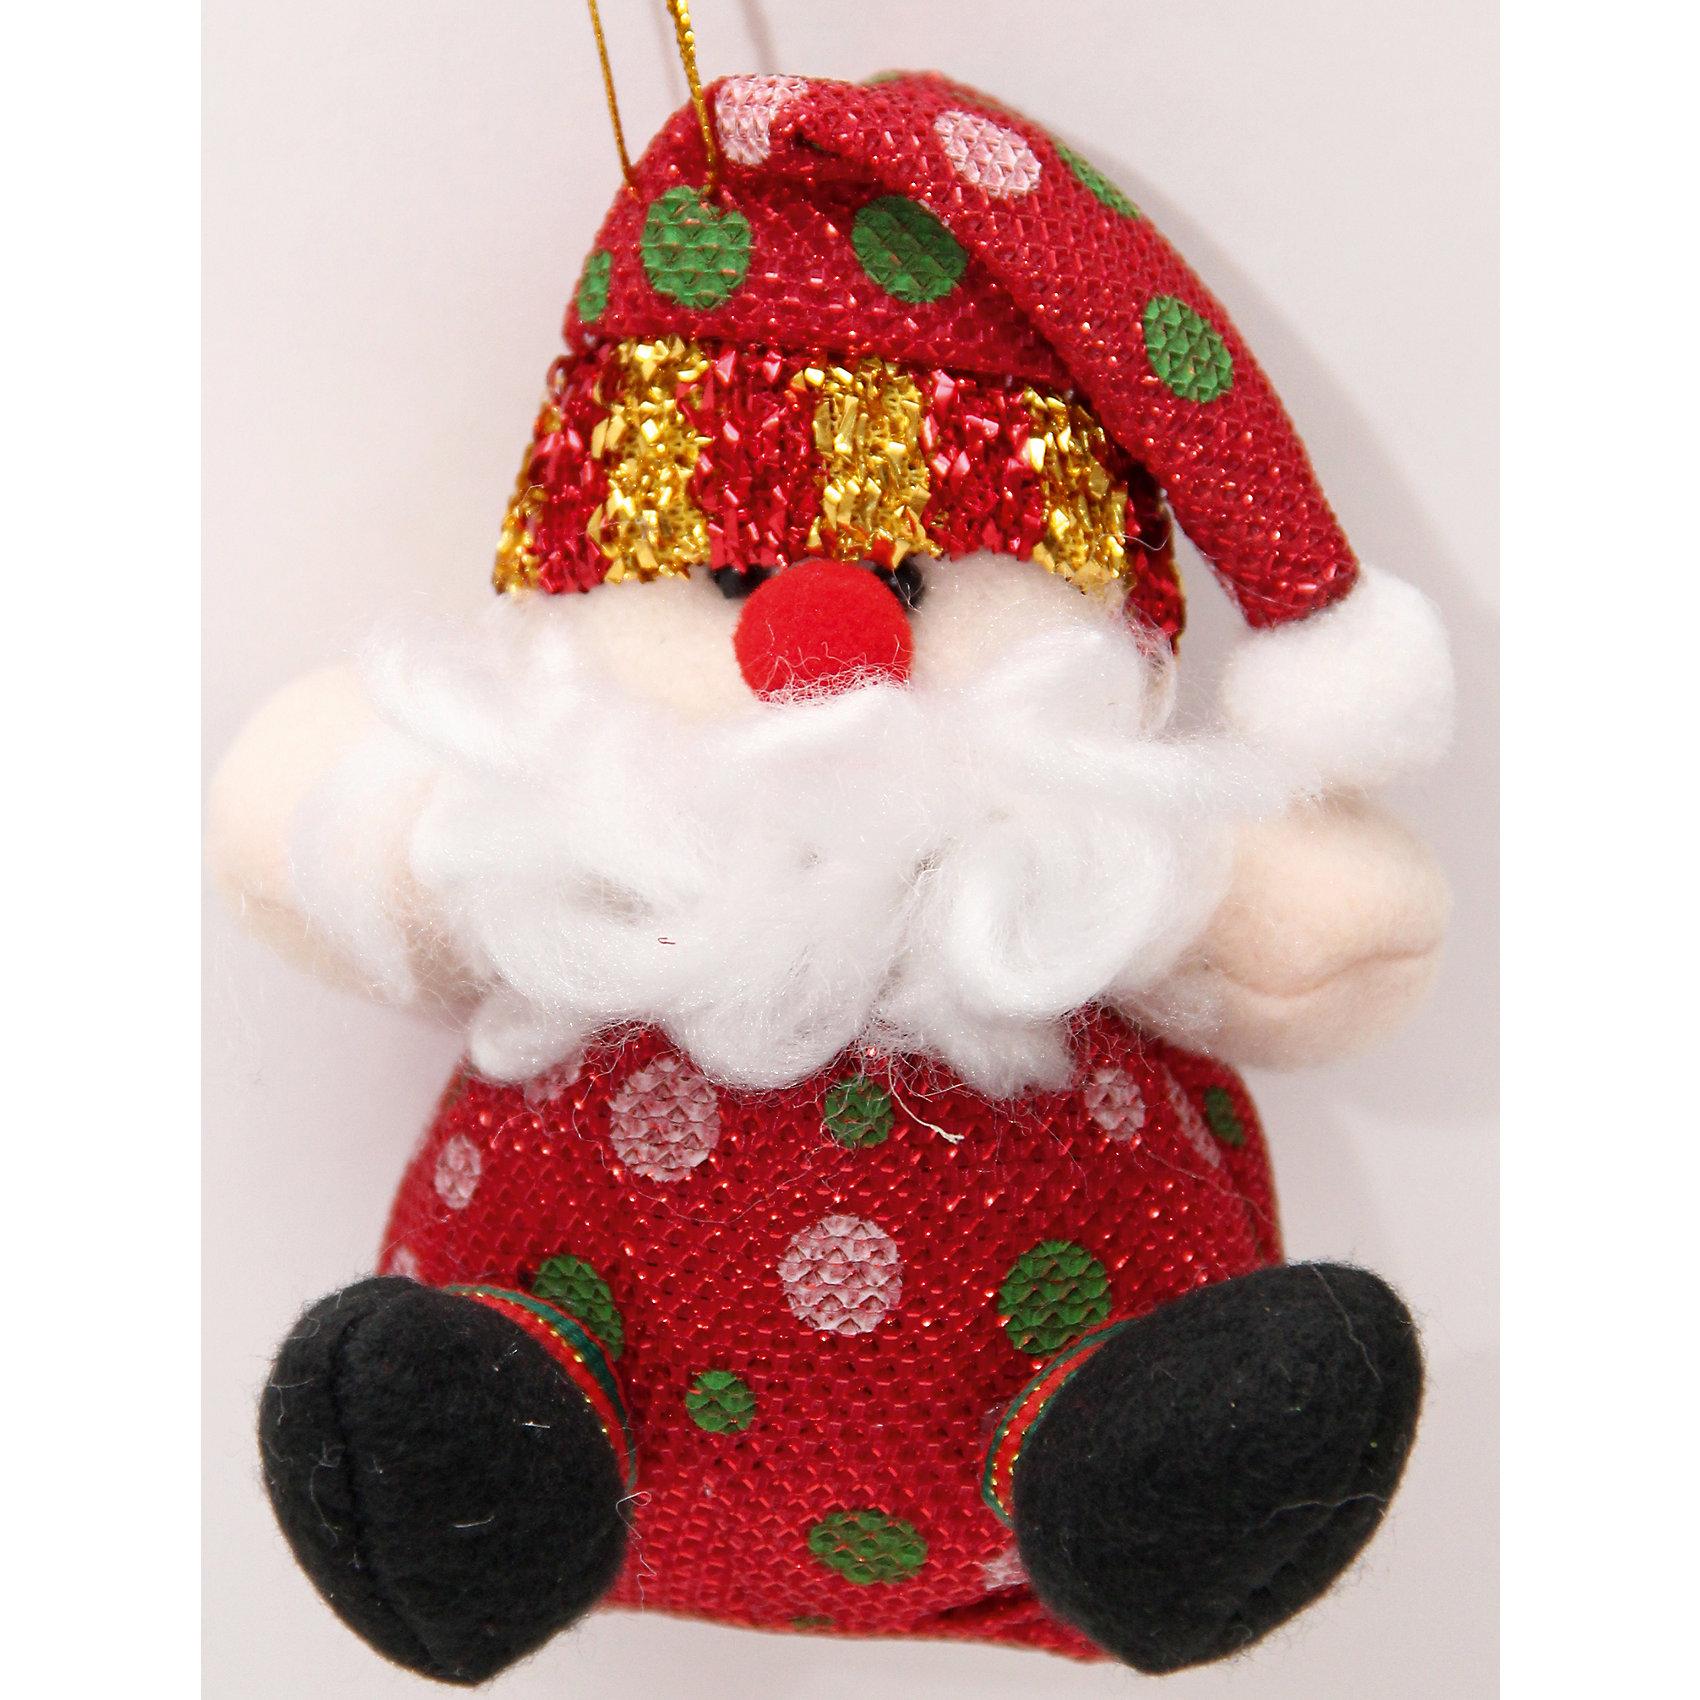 Феникс-Презент Новогоднее подвесное украшение  Дед Мороз в горошек новогоднее подвесное украшение собака ф21 1716